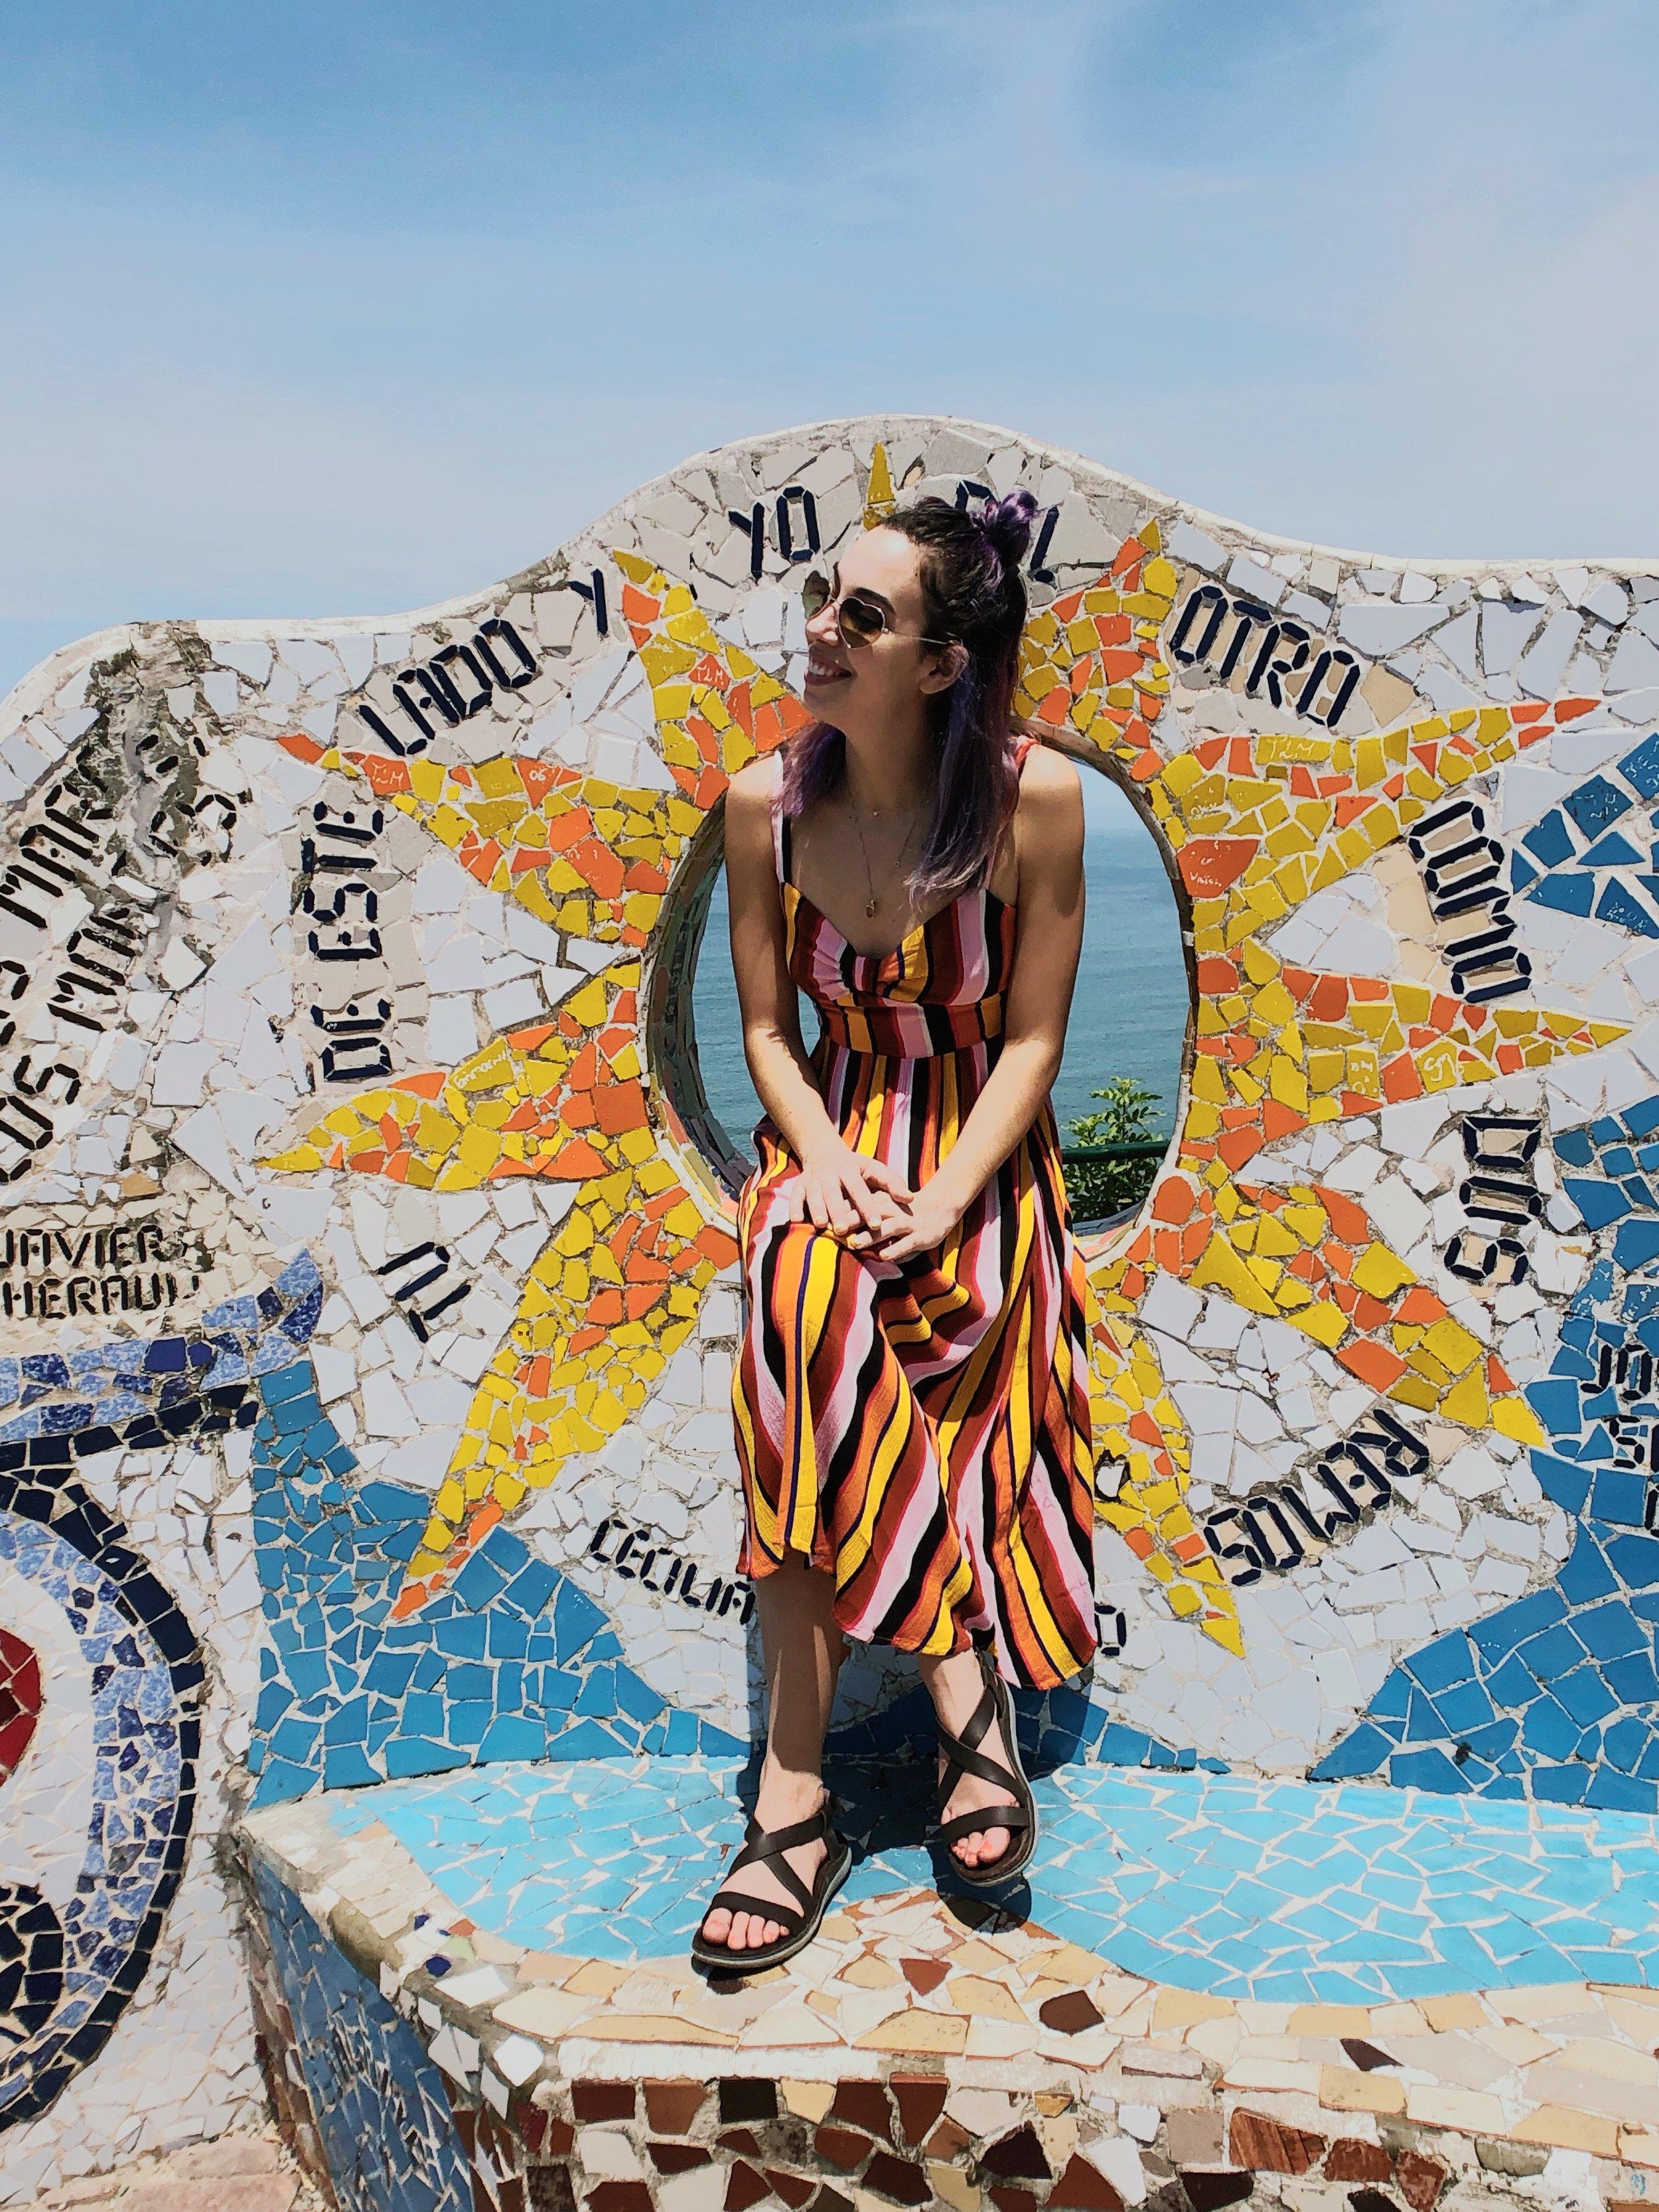 Miraflores-malecon boardwalk - lima - peru - parque del amor - travel tips - south america